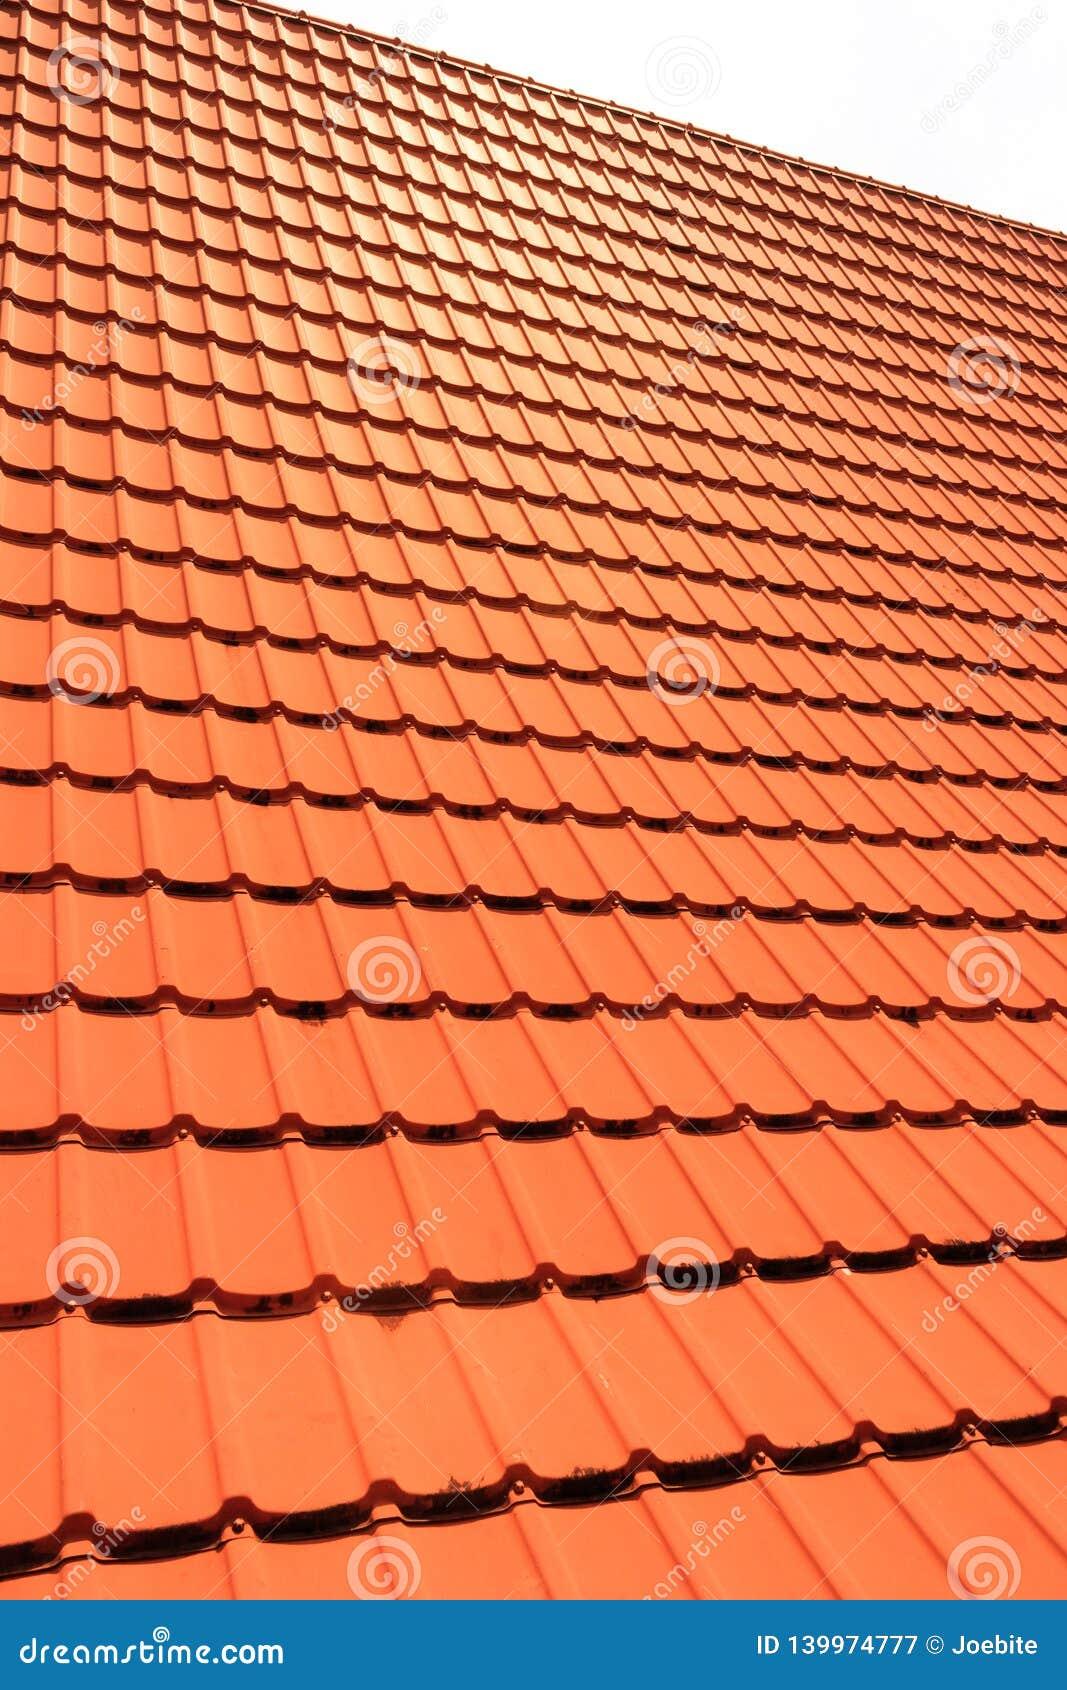 Oranje concrete daktegels op een woonhuis Van achtergrond daktegels textuur